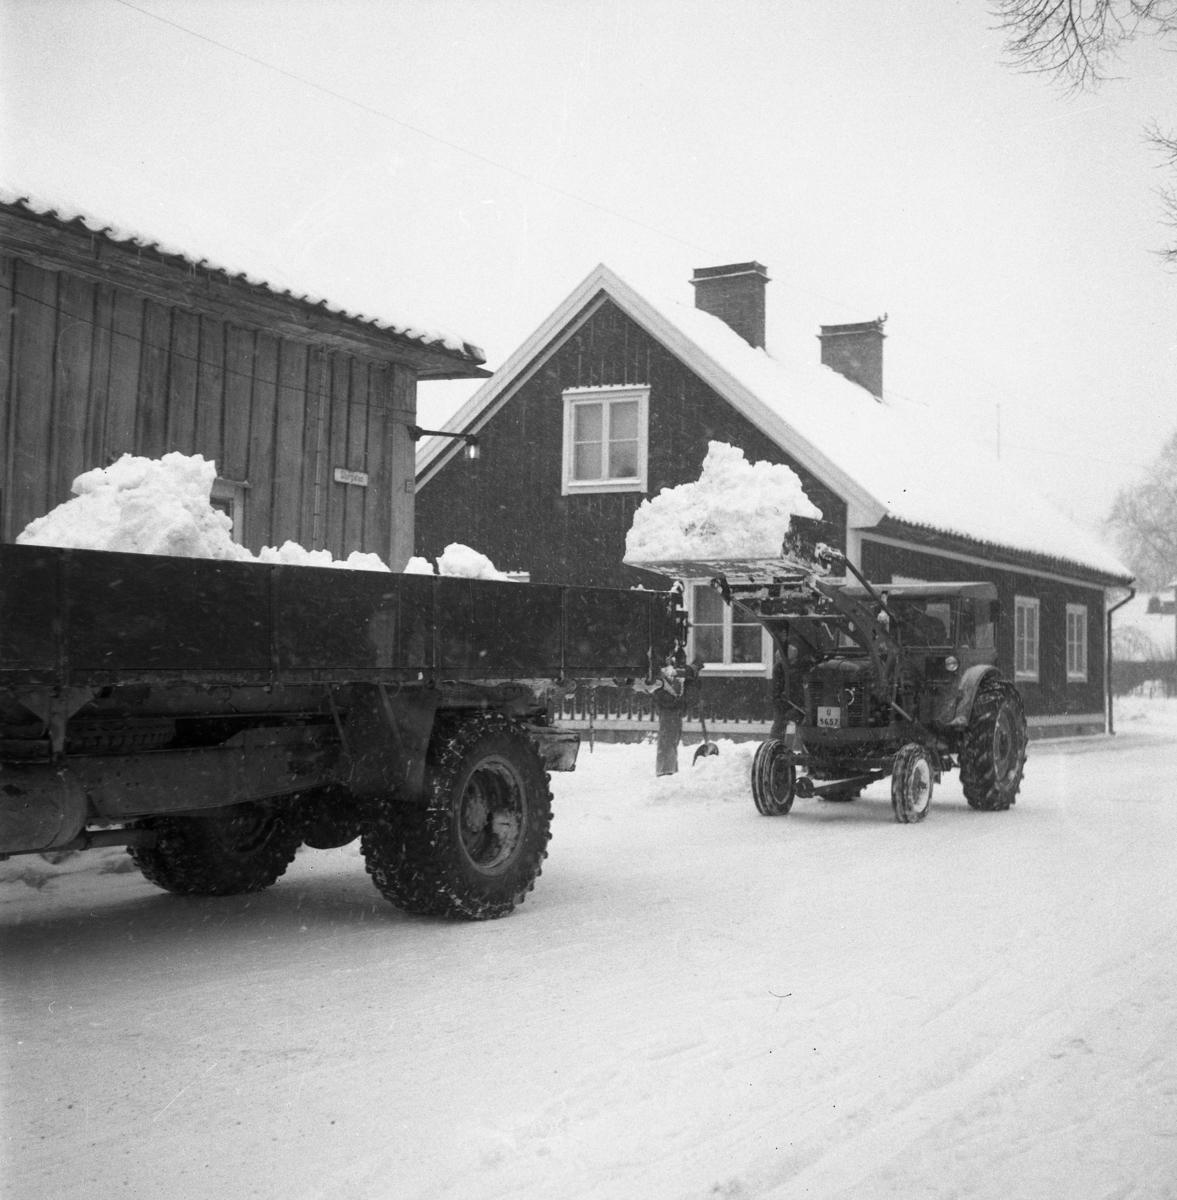 Snöröjning på Storgatan. En traktor med skopa lastar snö på en kärra.